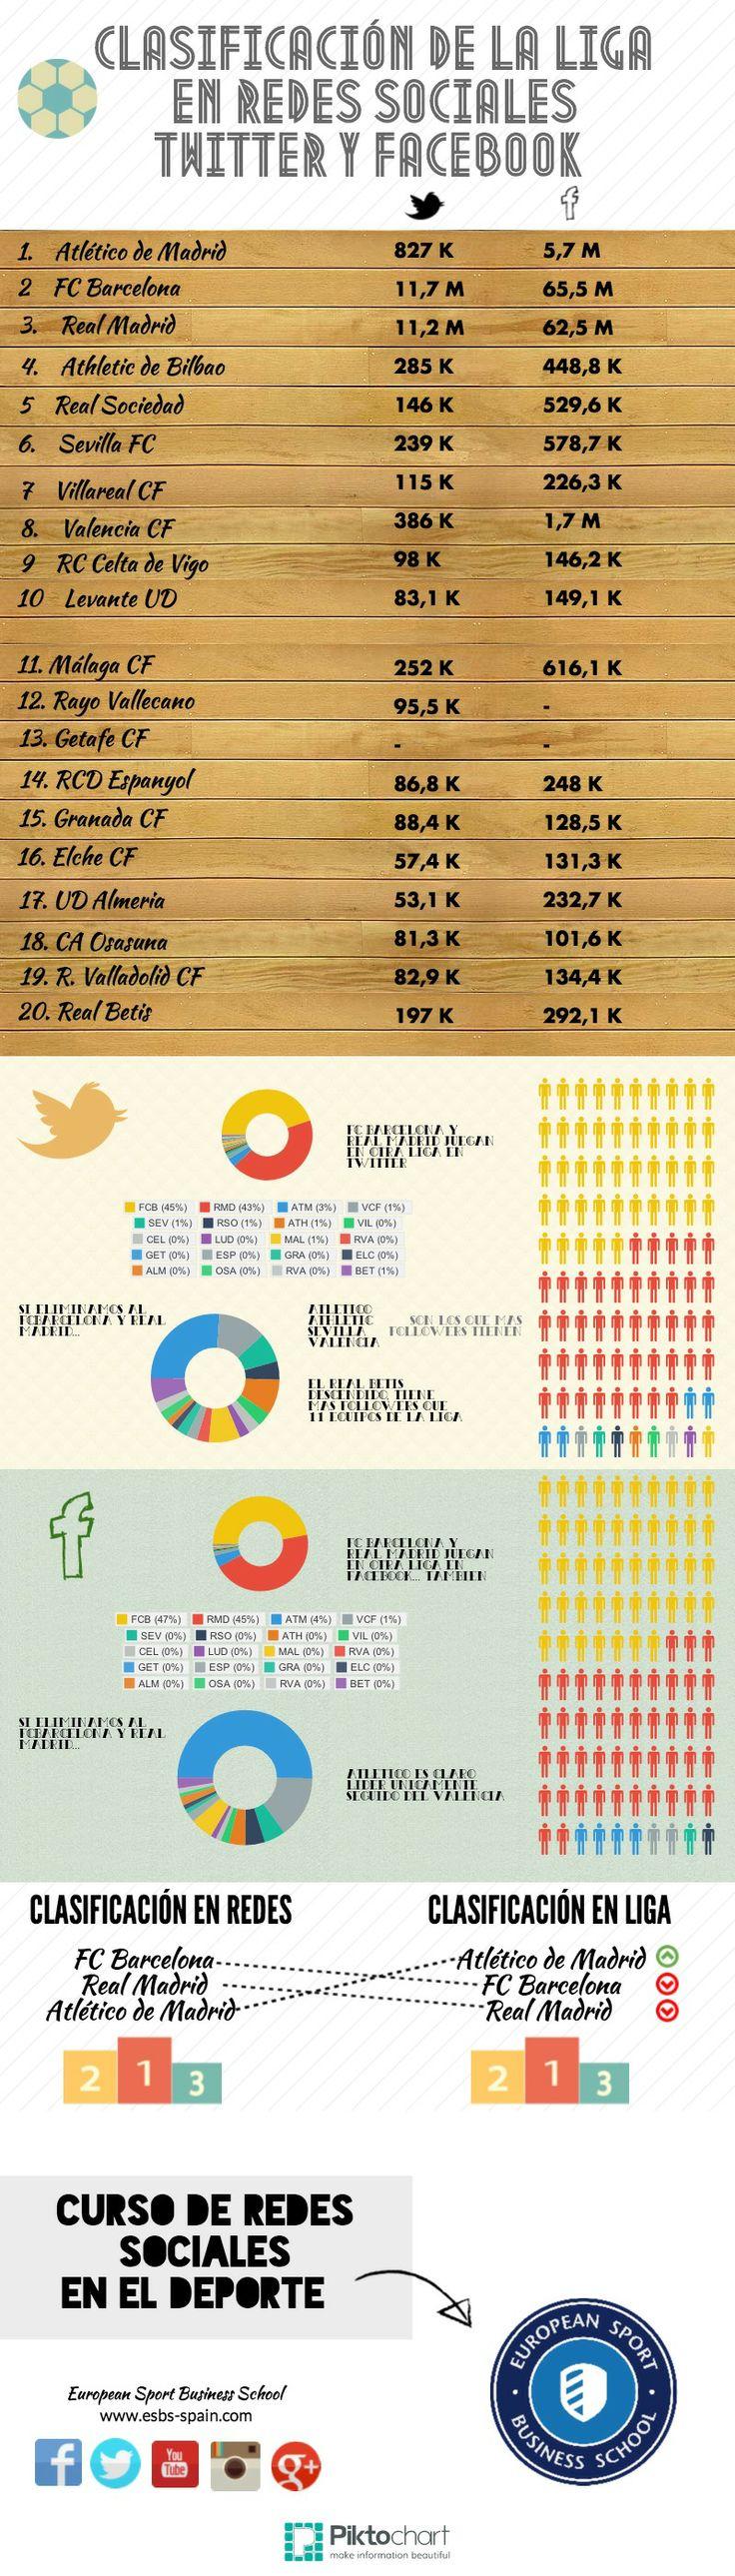 Clasificación de la Liga en RRSS Twitter y Facebook por Juan Urios de ESBS European Sport Business School